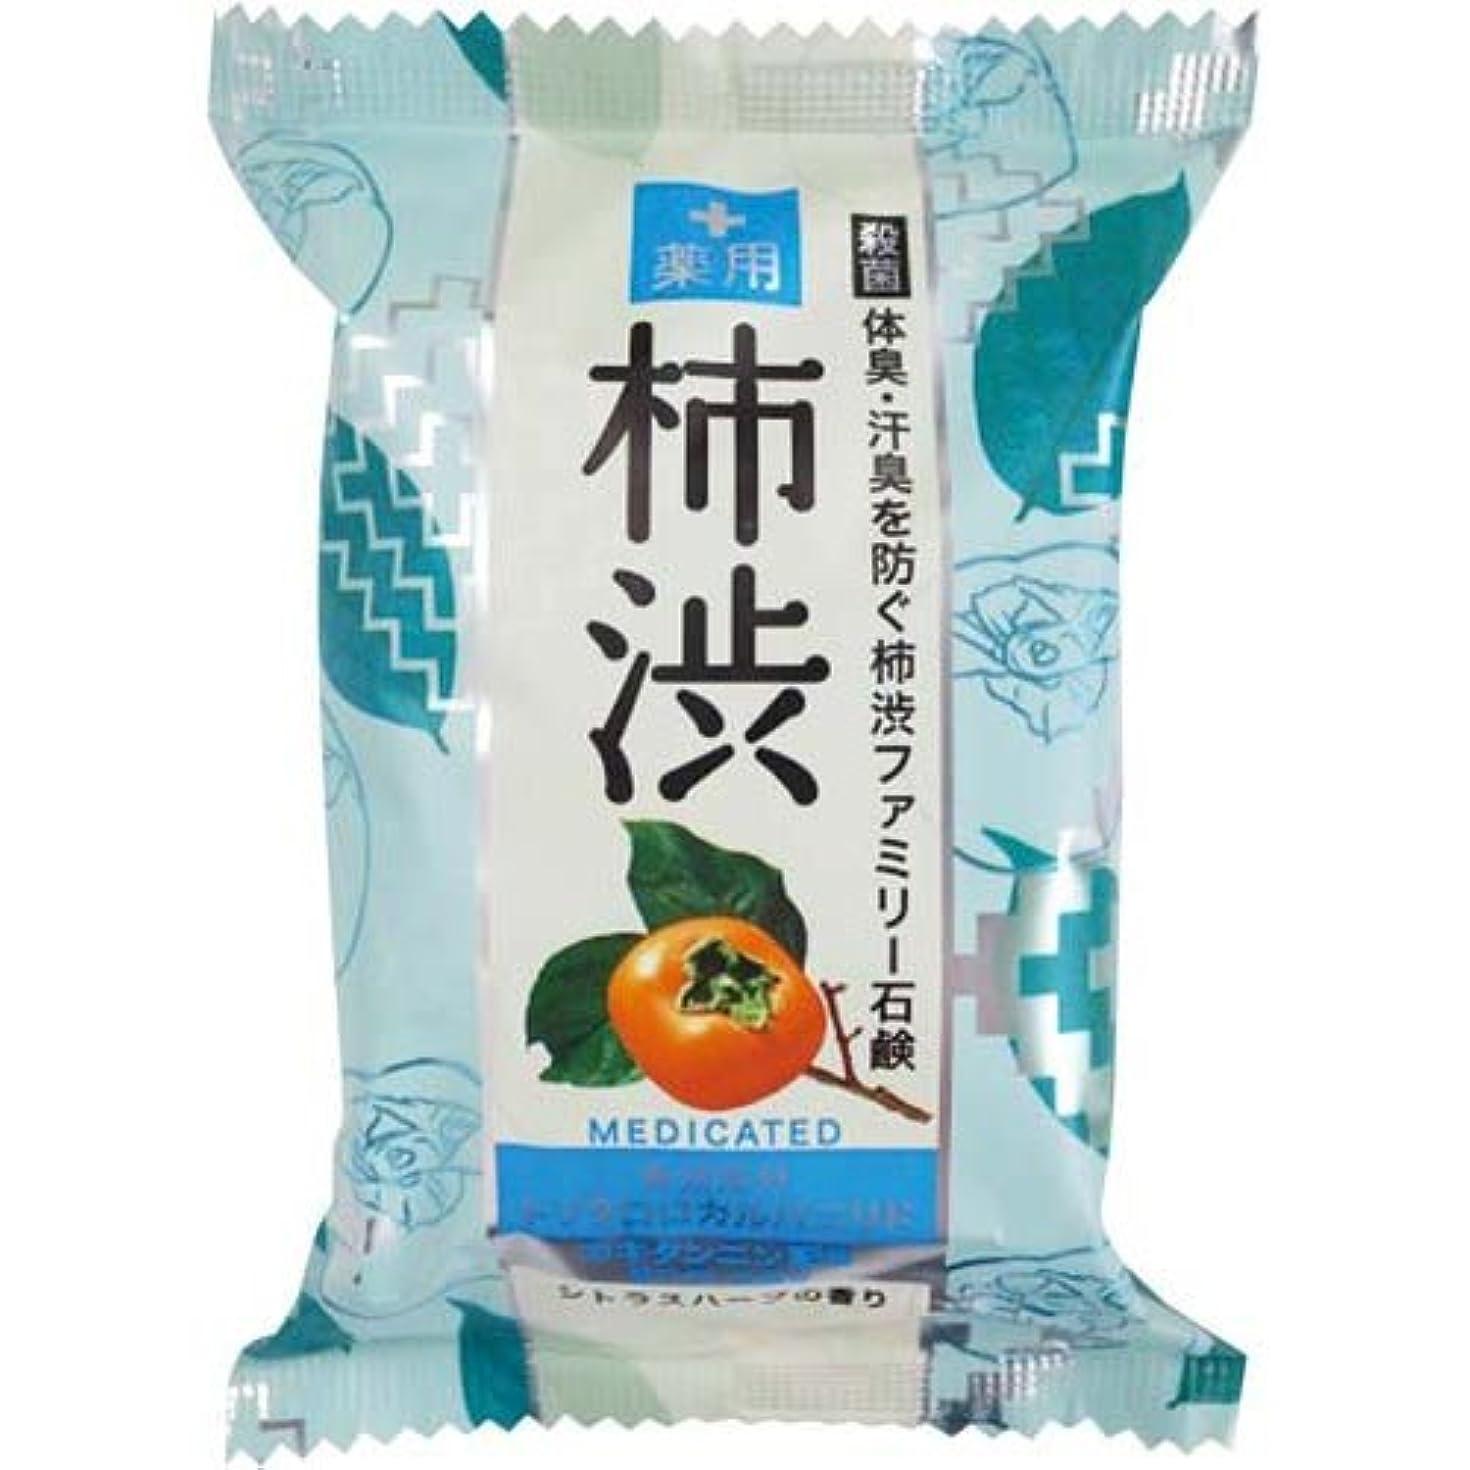 運ぶ戦術記念日ペリカン石鹸 薬用ファミリー柿渋石鹸×6個×4箱